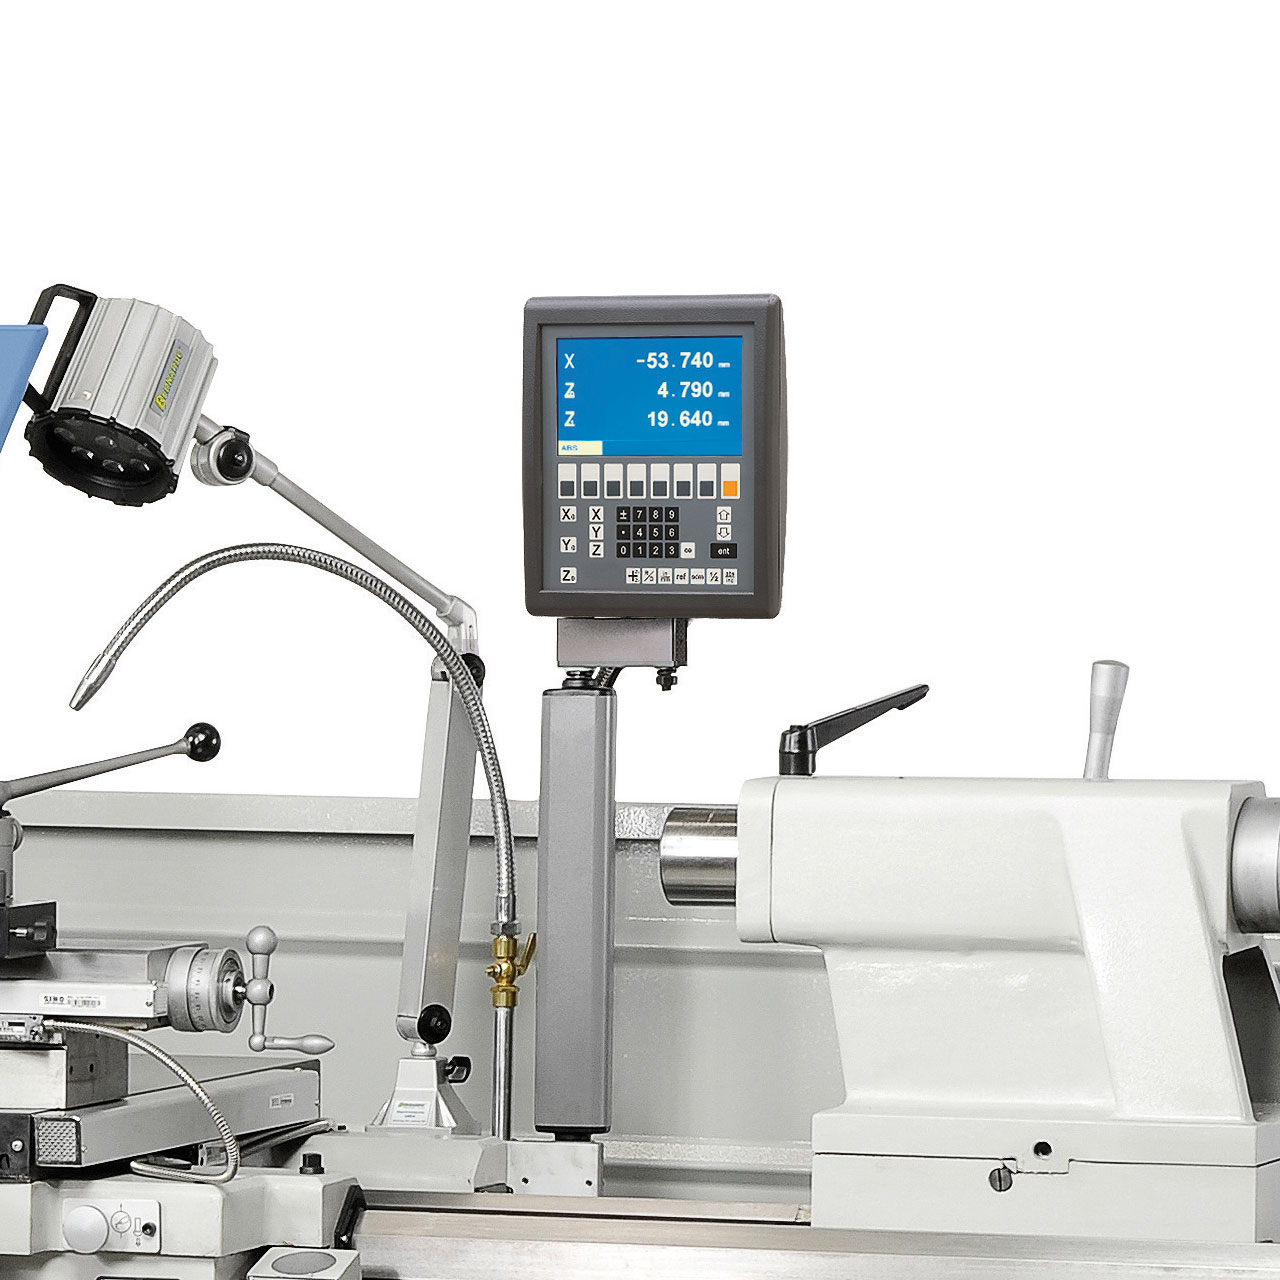 Zur Reduzierung der Fertigungszeiten ist die Maschine mit einer digitalen Positionsanzeige ausgerüstet (Ablesegenauigkeit 0,005 mm).